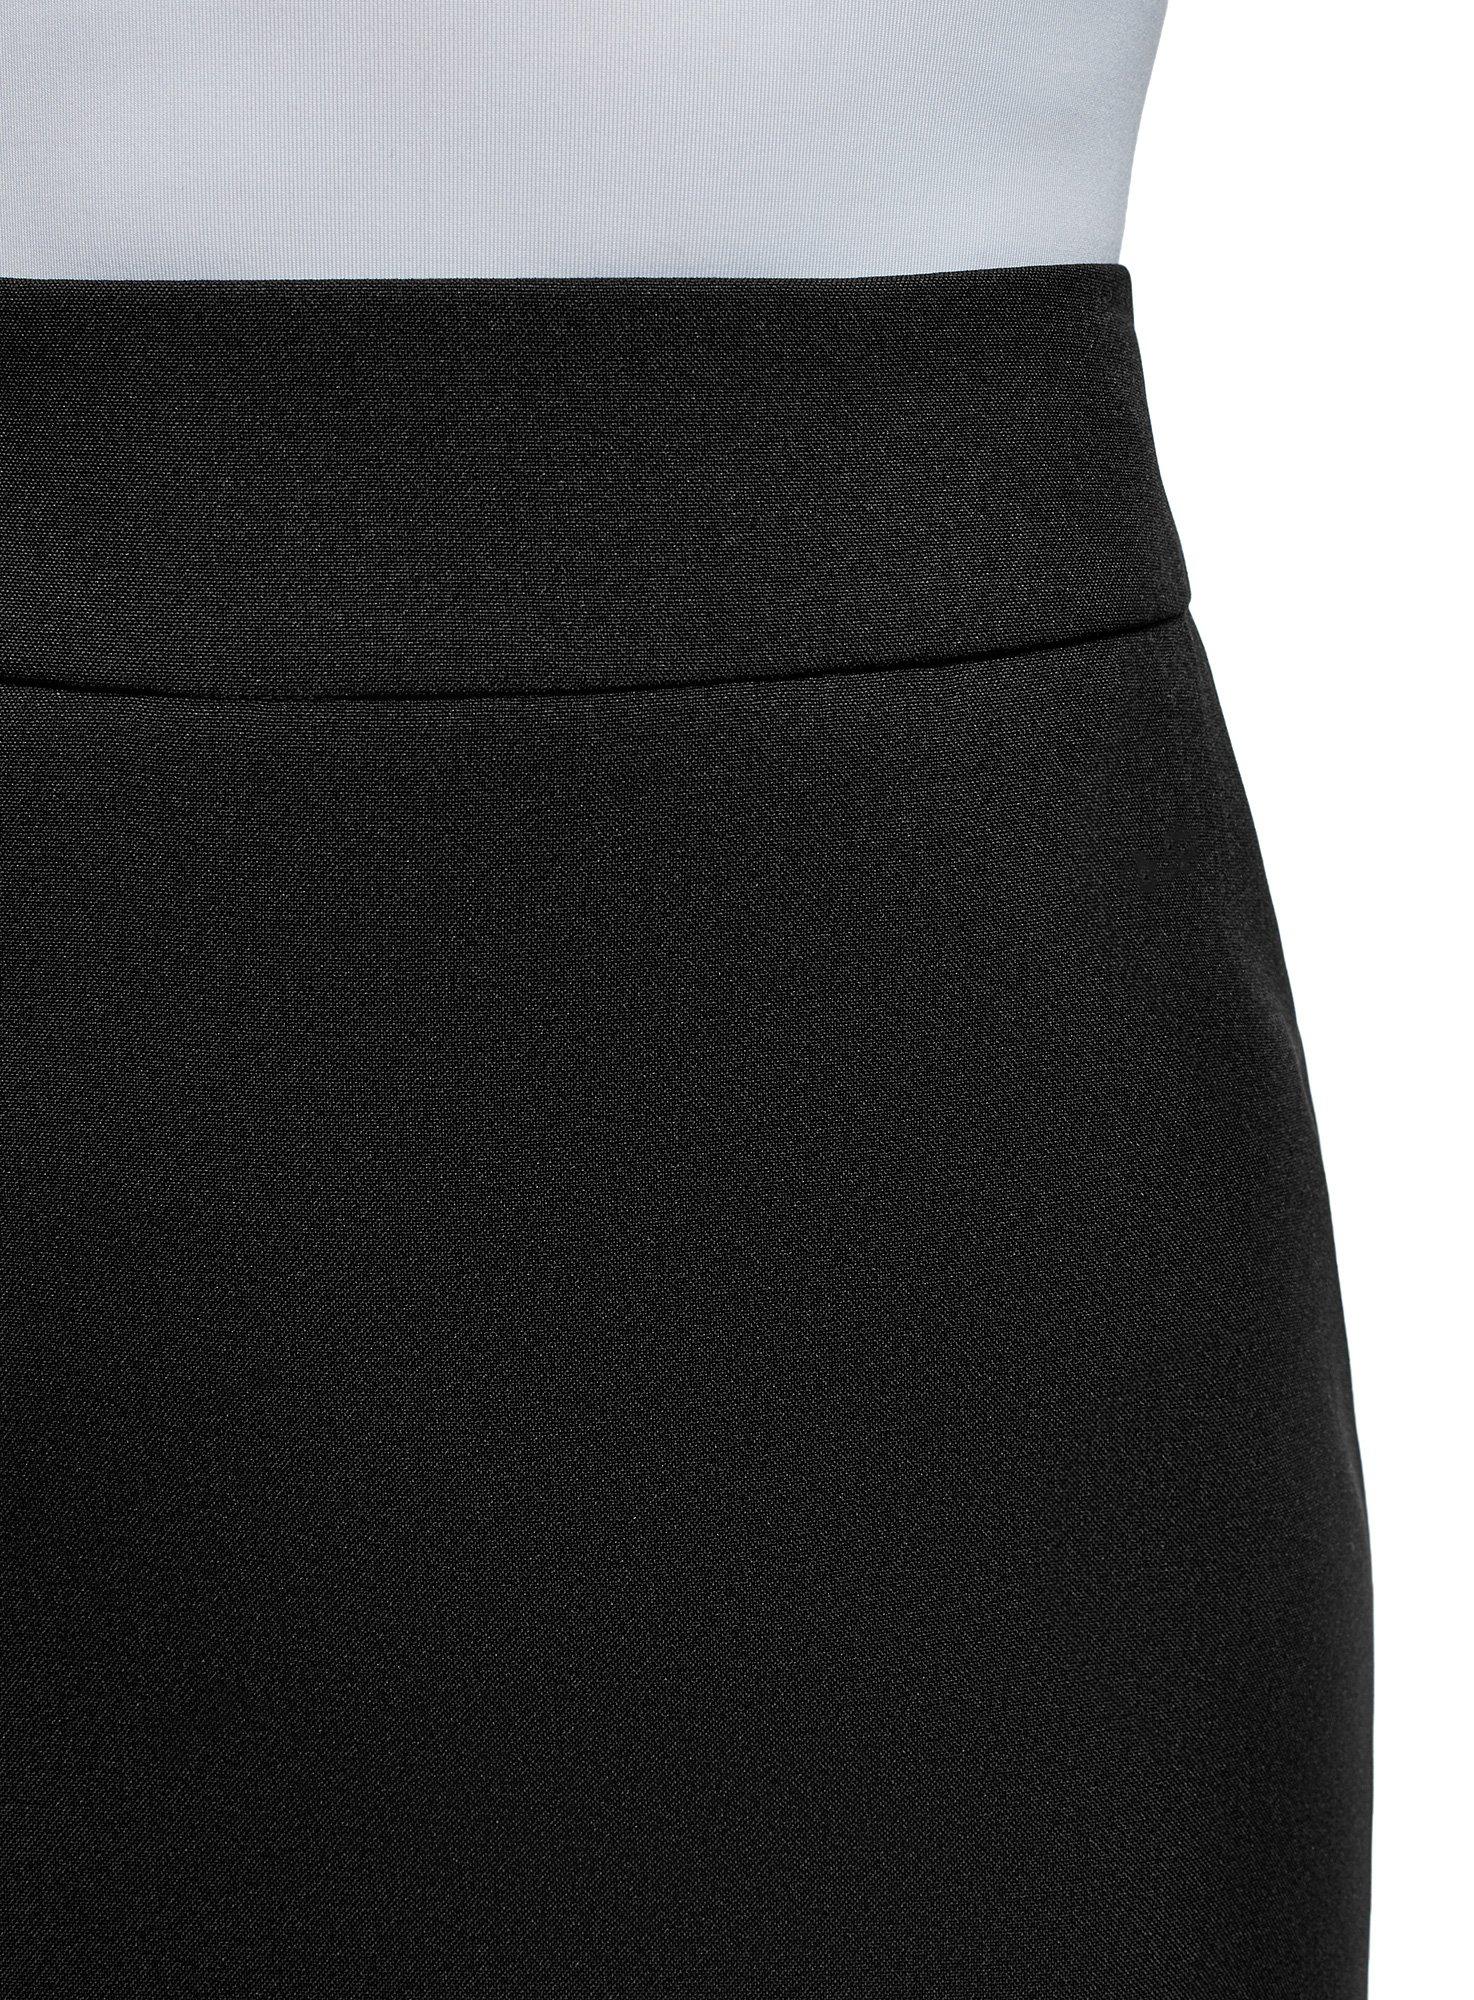 oodji Ultra Women's Basic Short Skirt, Black, 6 by oodji (Image #4)